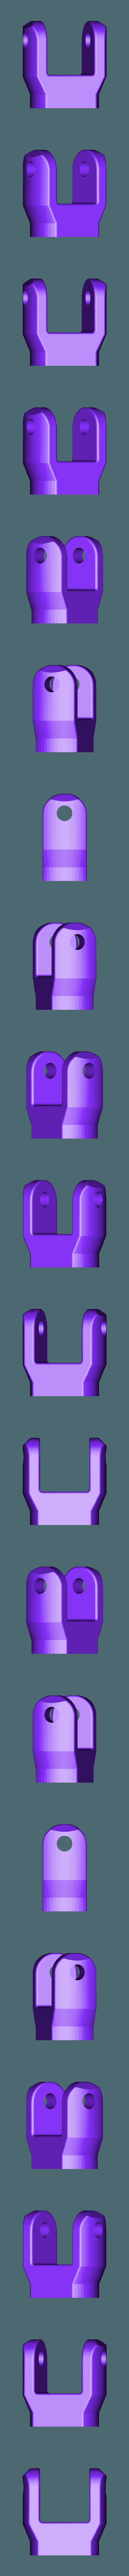 Truck_V4_Ujointshaft_A1.STL Download STL file 3D Printed Rc Truck V4 • 3D printable template, MrCrankyface